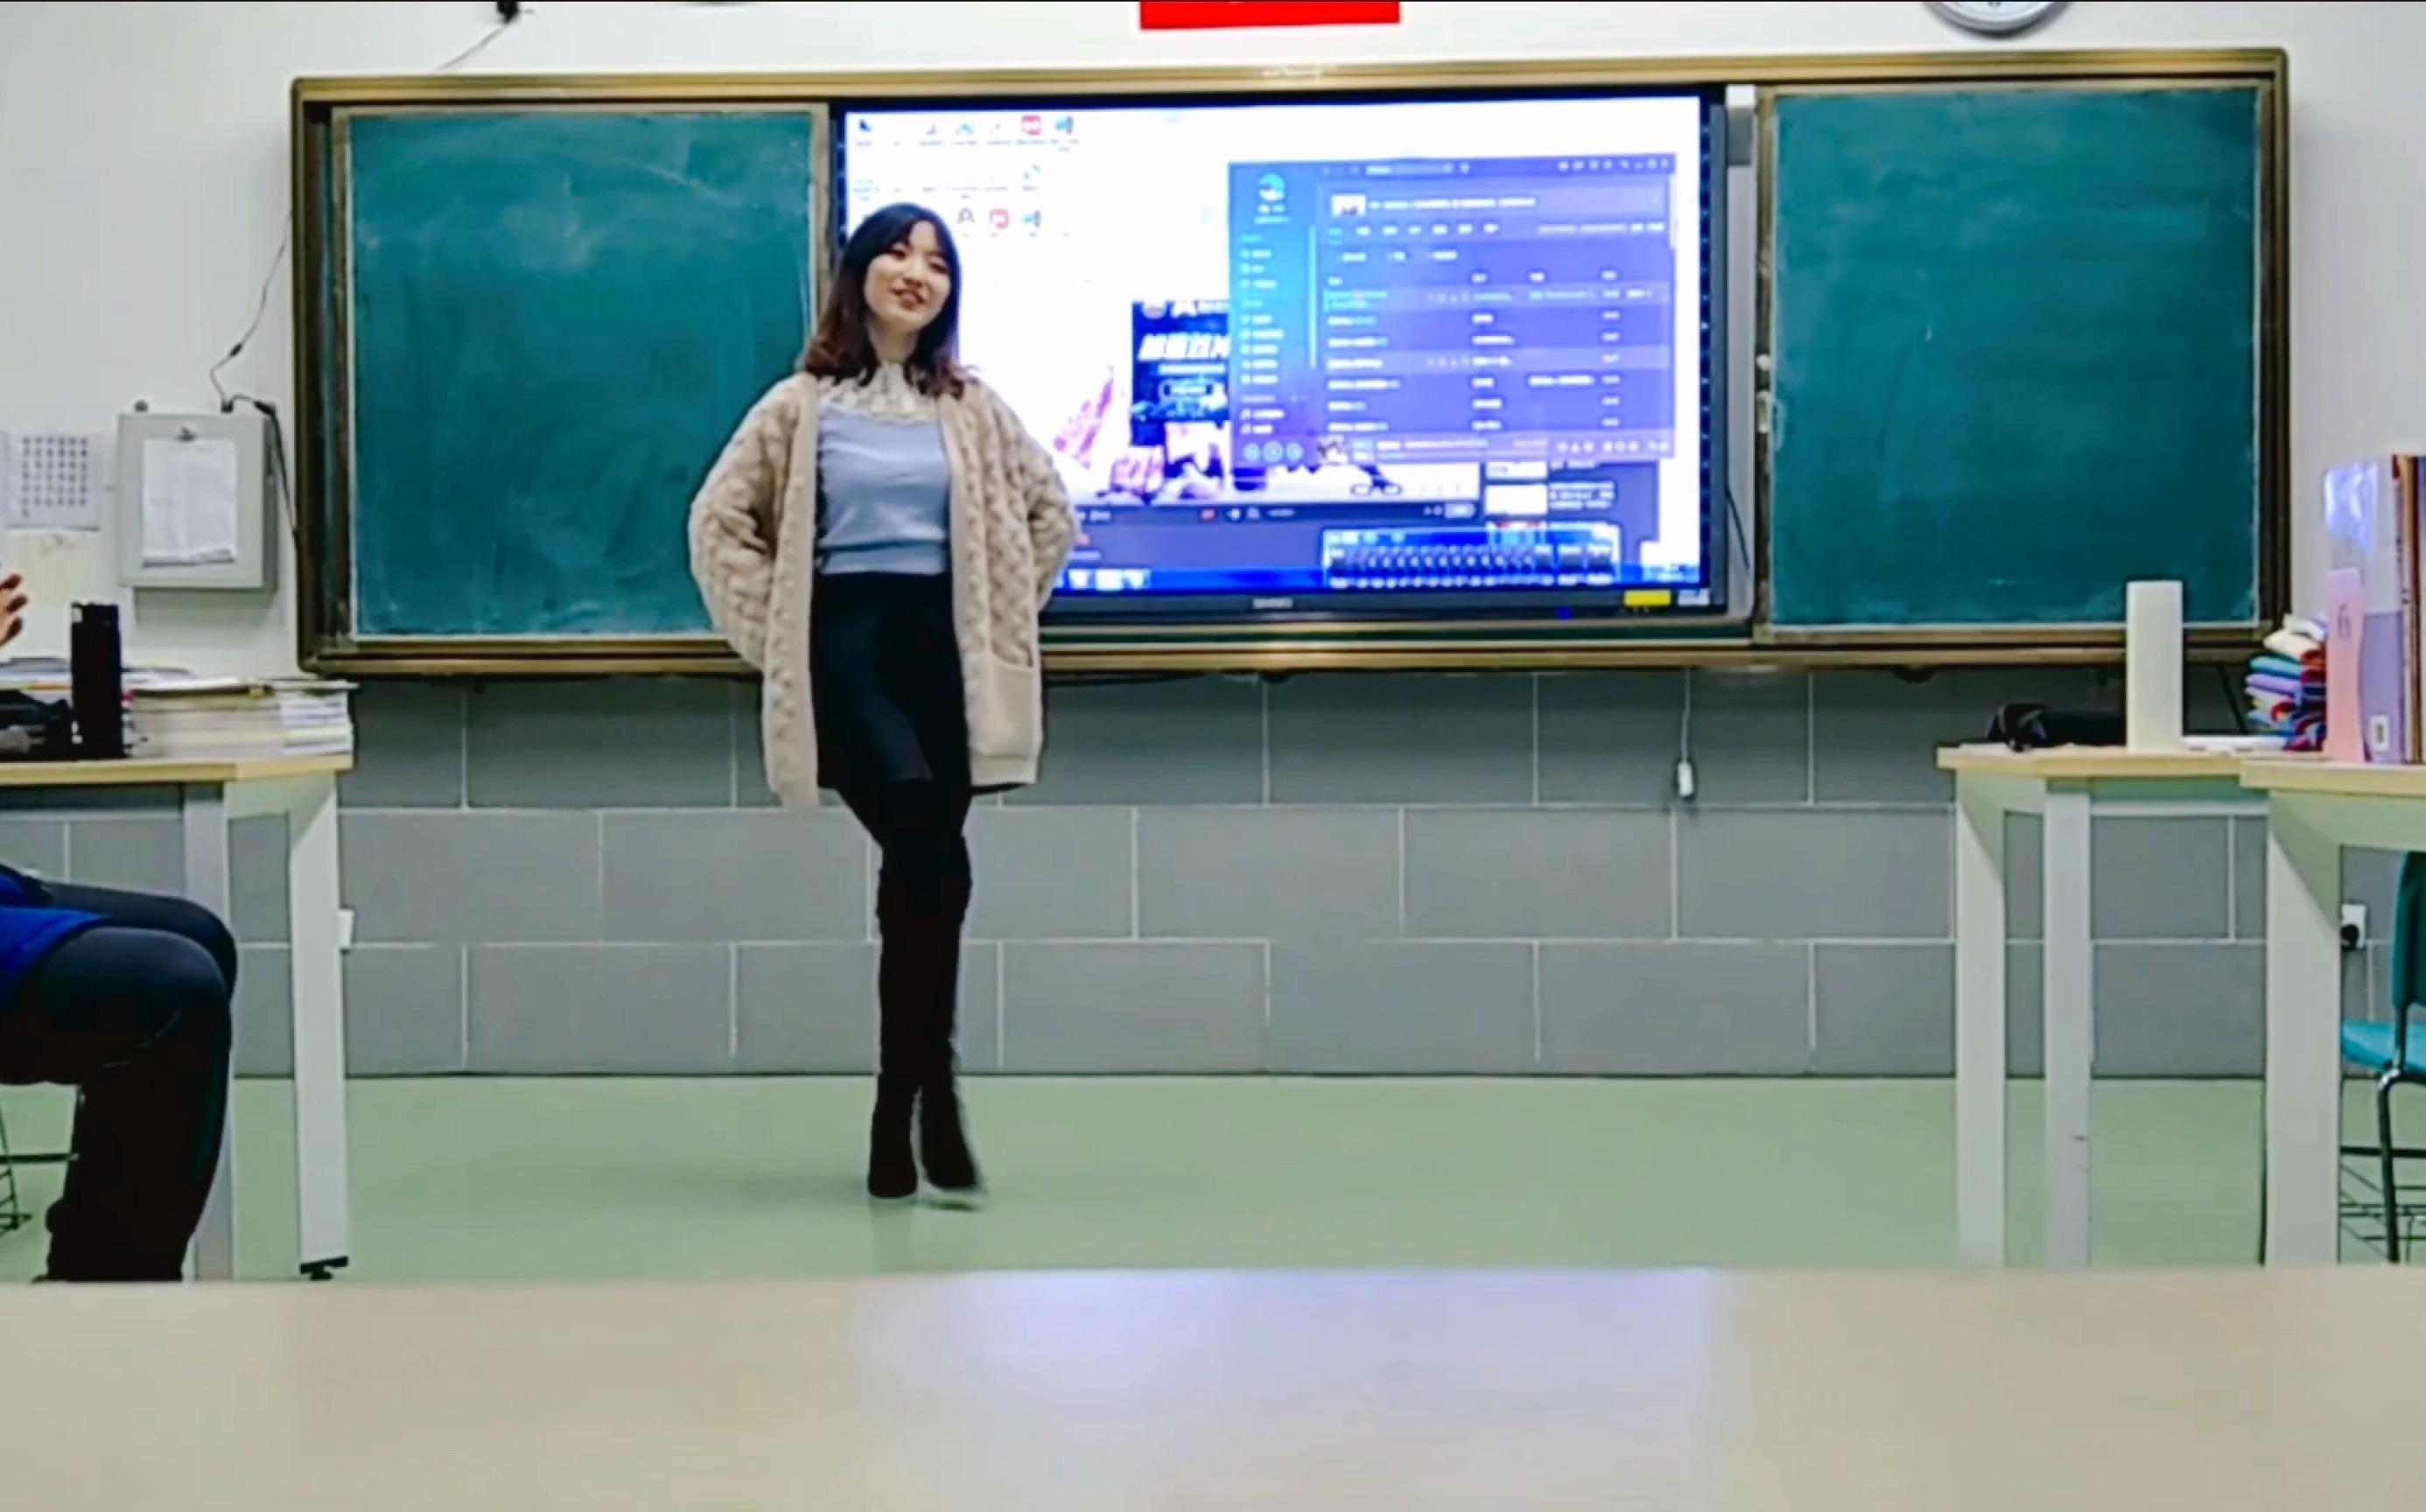 【极乐净土】别人家的超性感物理老师!【青岛实高】